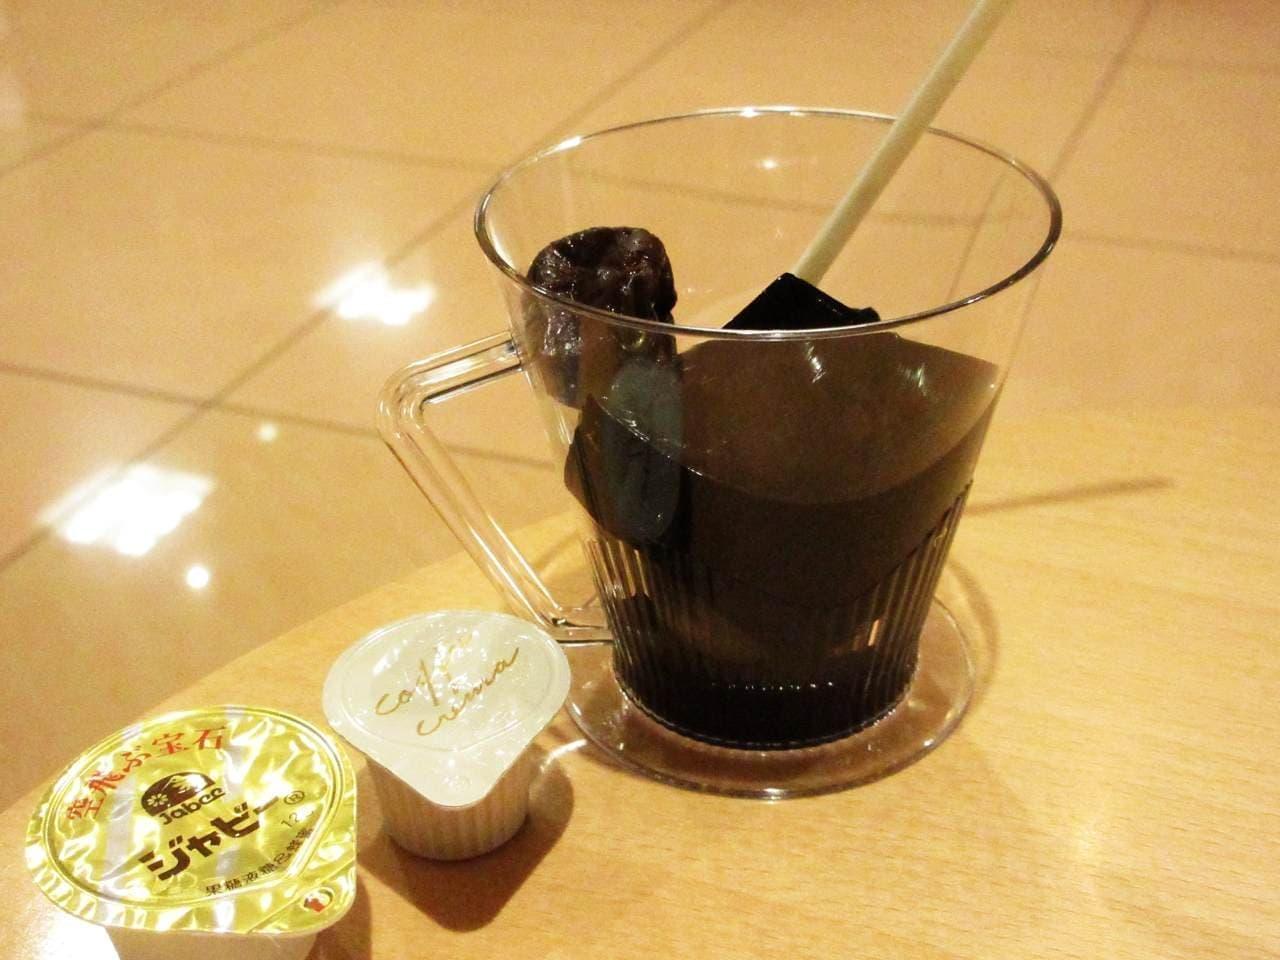 ミカドコーヒー名物「コーヒーゼリー」